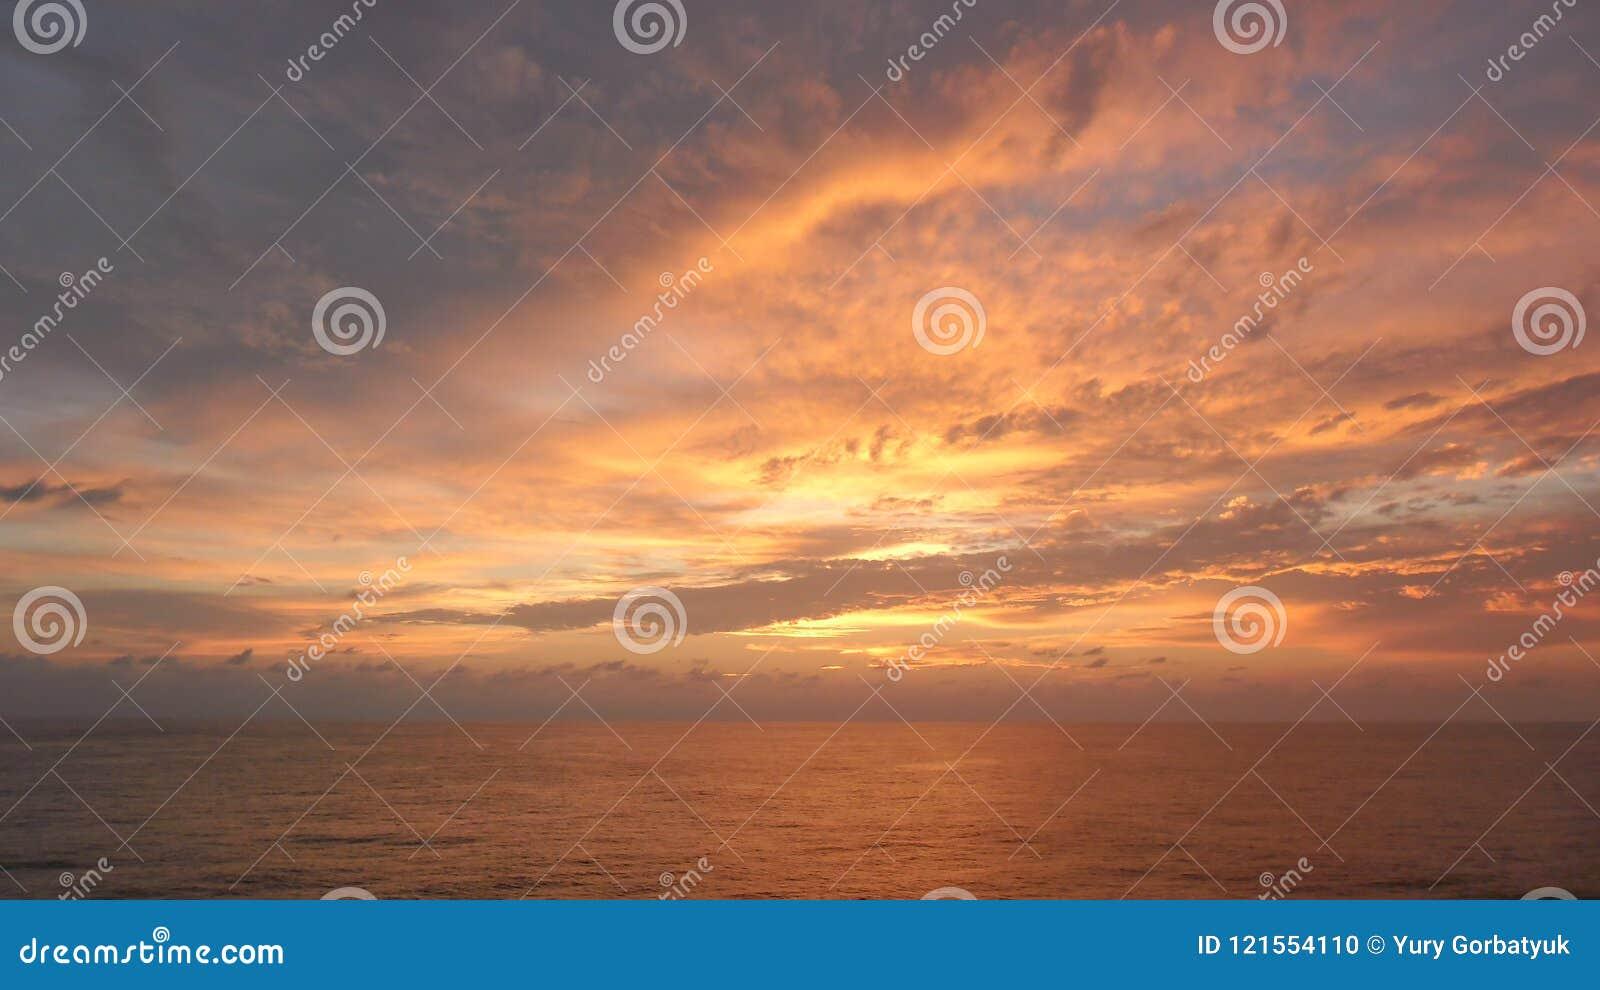 Al hemel over de oceaan in kleur betrekt